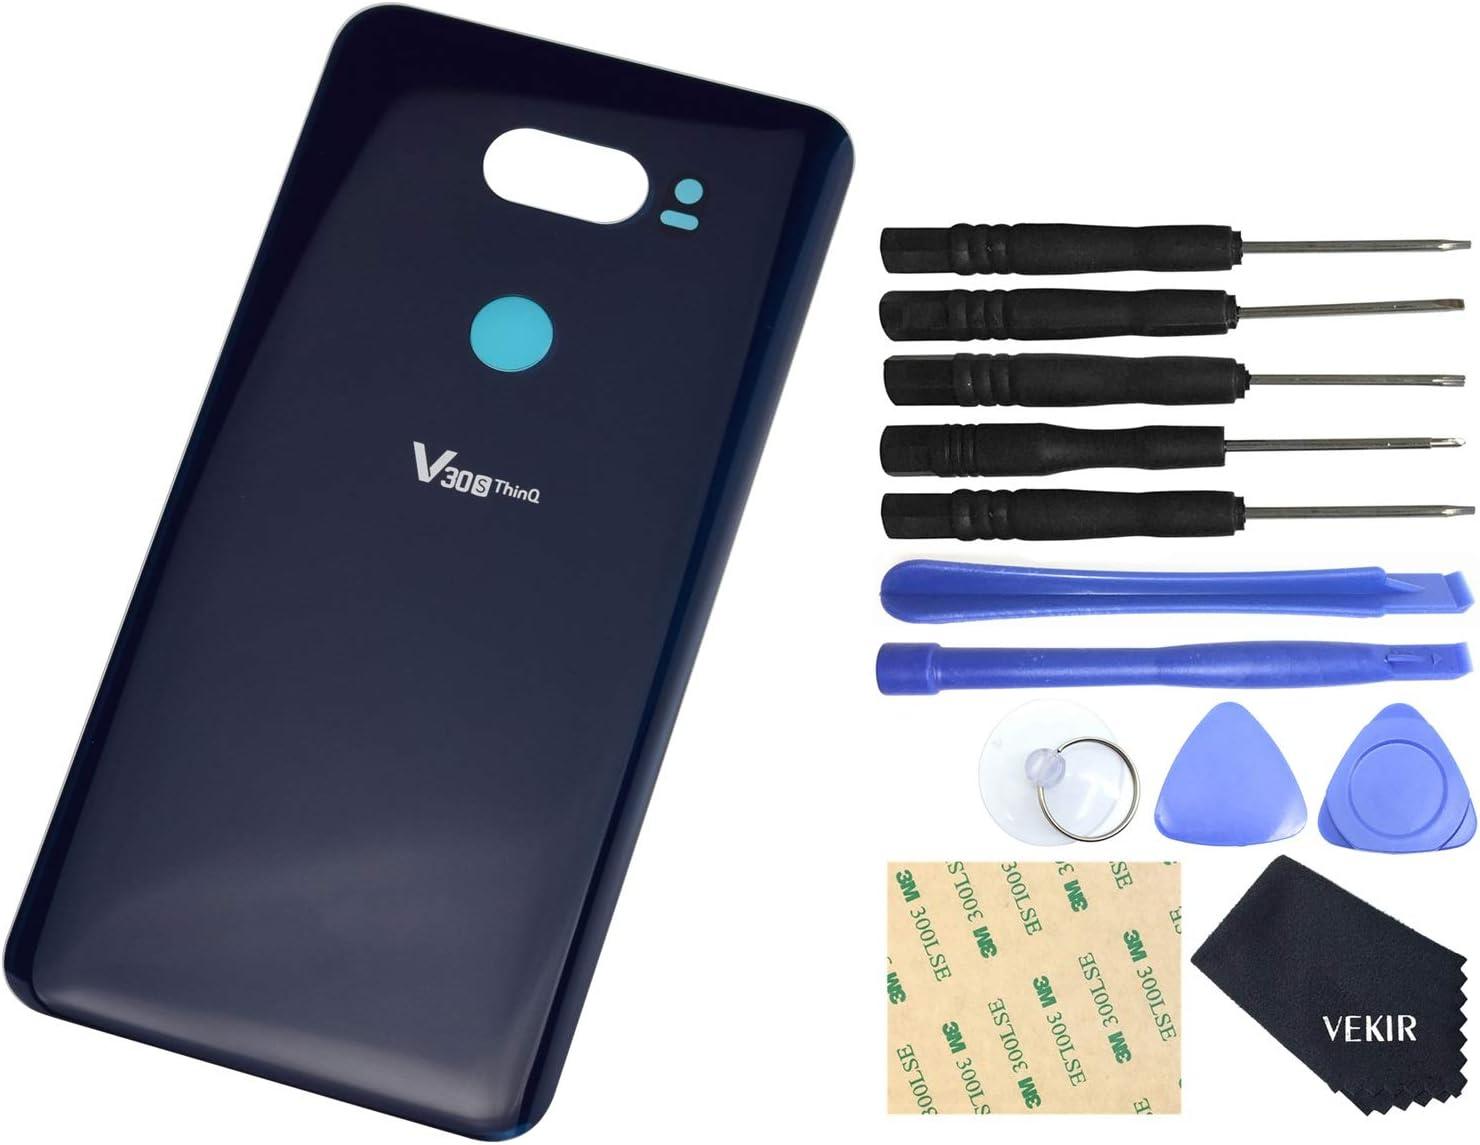 Vidrio Trasera C/adhesivo LG V30S ThinQ V30S+ ThinQ V30S